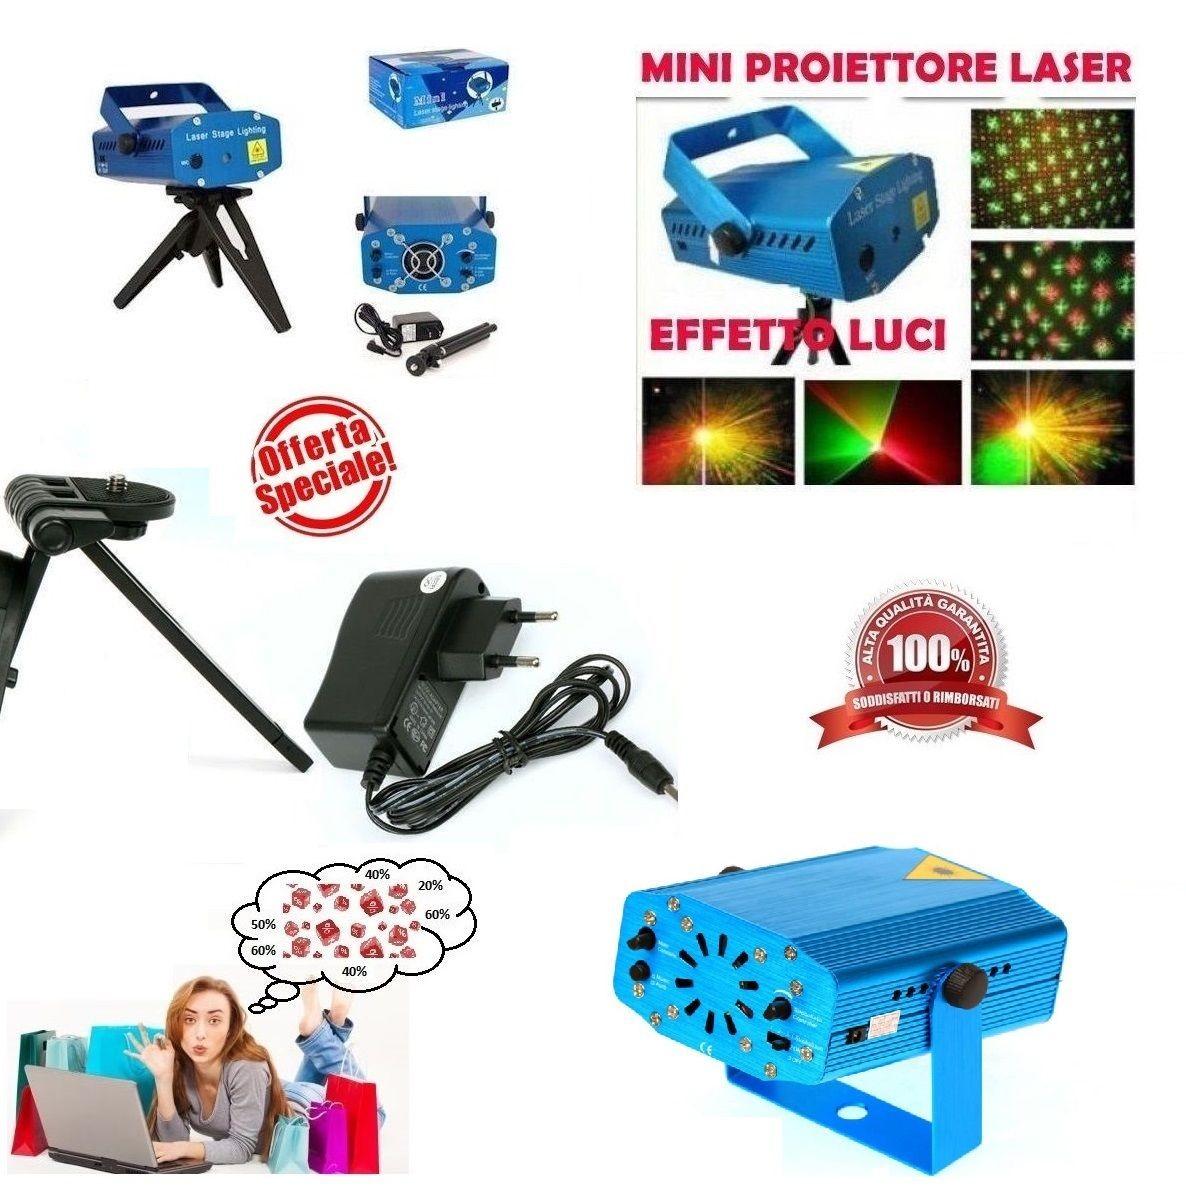 Mini Proiettore Effetto Luci Laser Per Disco Discoteca Dj.Mini Proiettore Laser Effetto Luci Per Disco E Dj Discoteca Feste